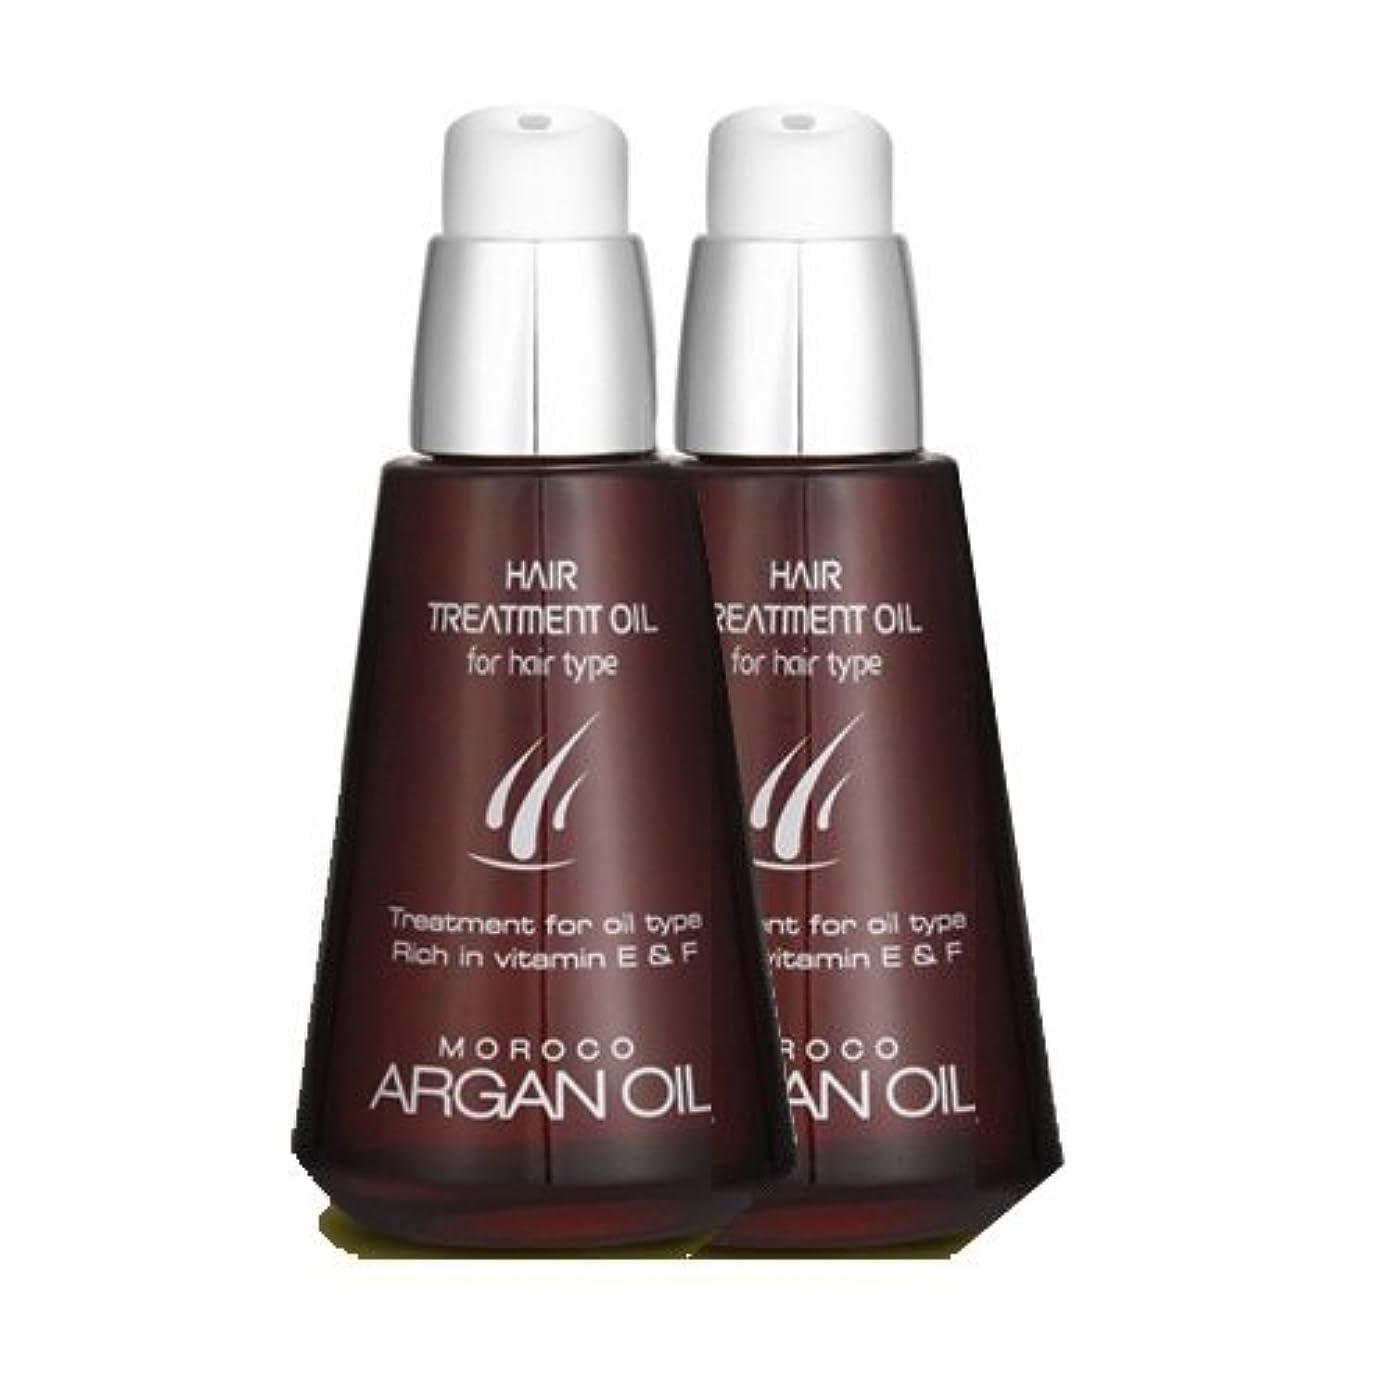 オンス寓話生き物2個大事なあなたに/保湿/モロッコの伝統的な生産アルガンオイル100%30ml乾燥肌/